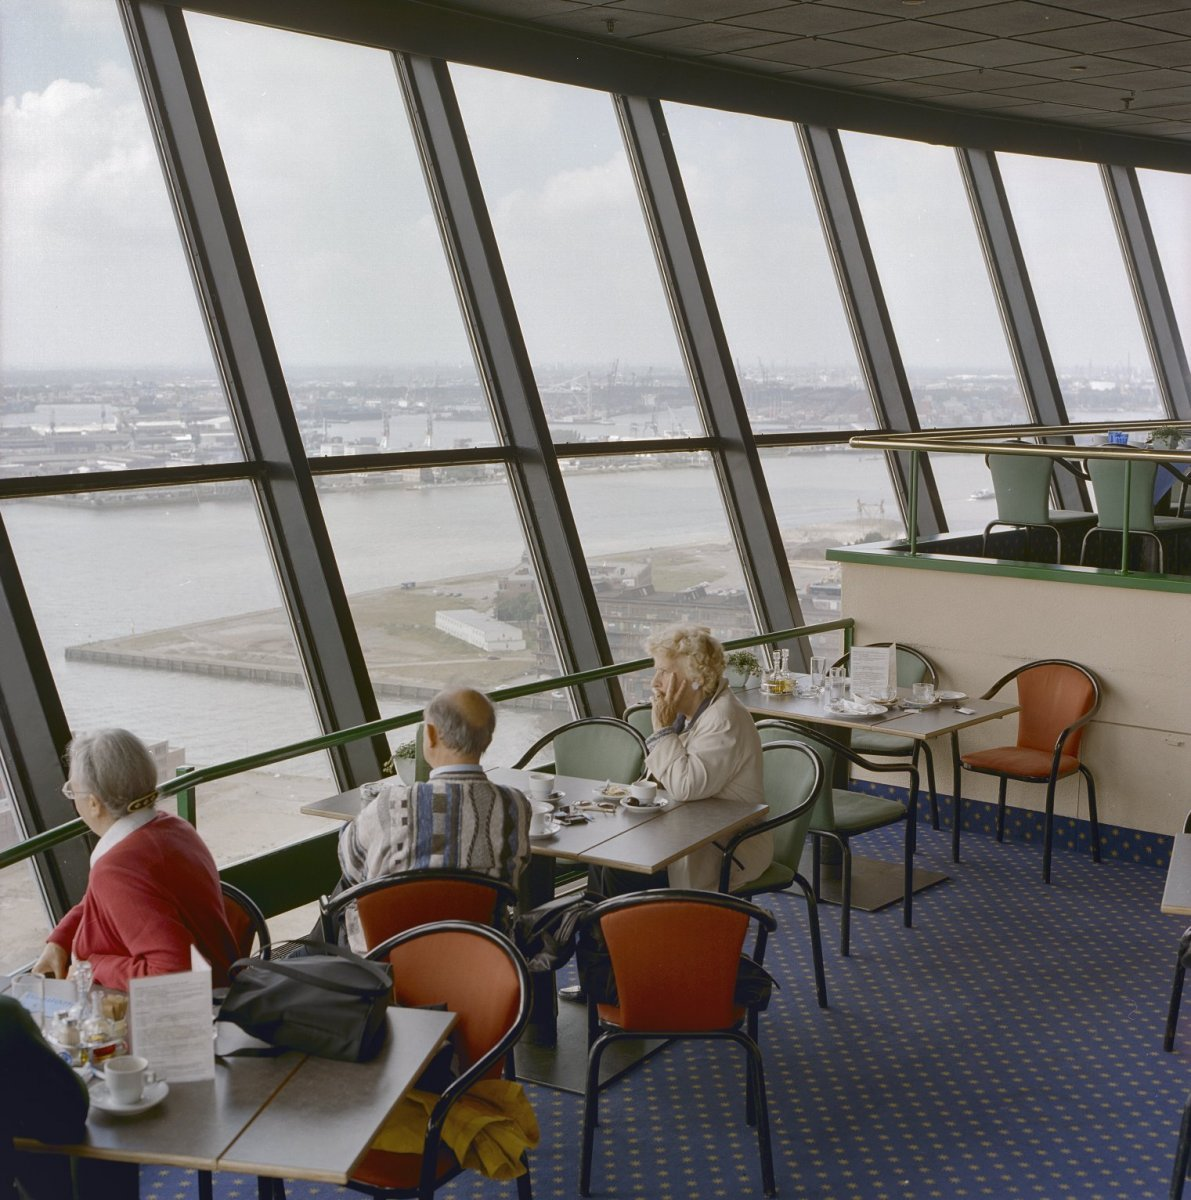 file interieur kraaiennest restaurant met uitzicht op de